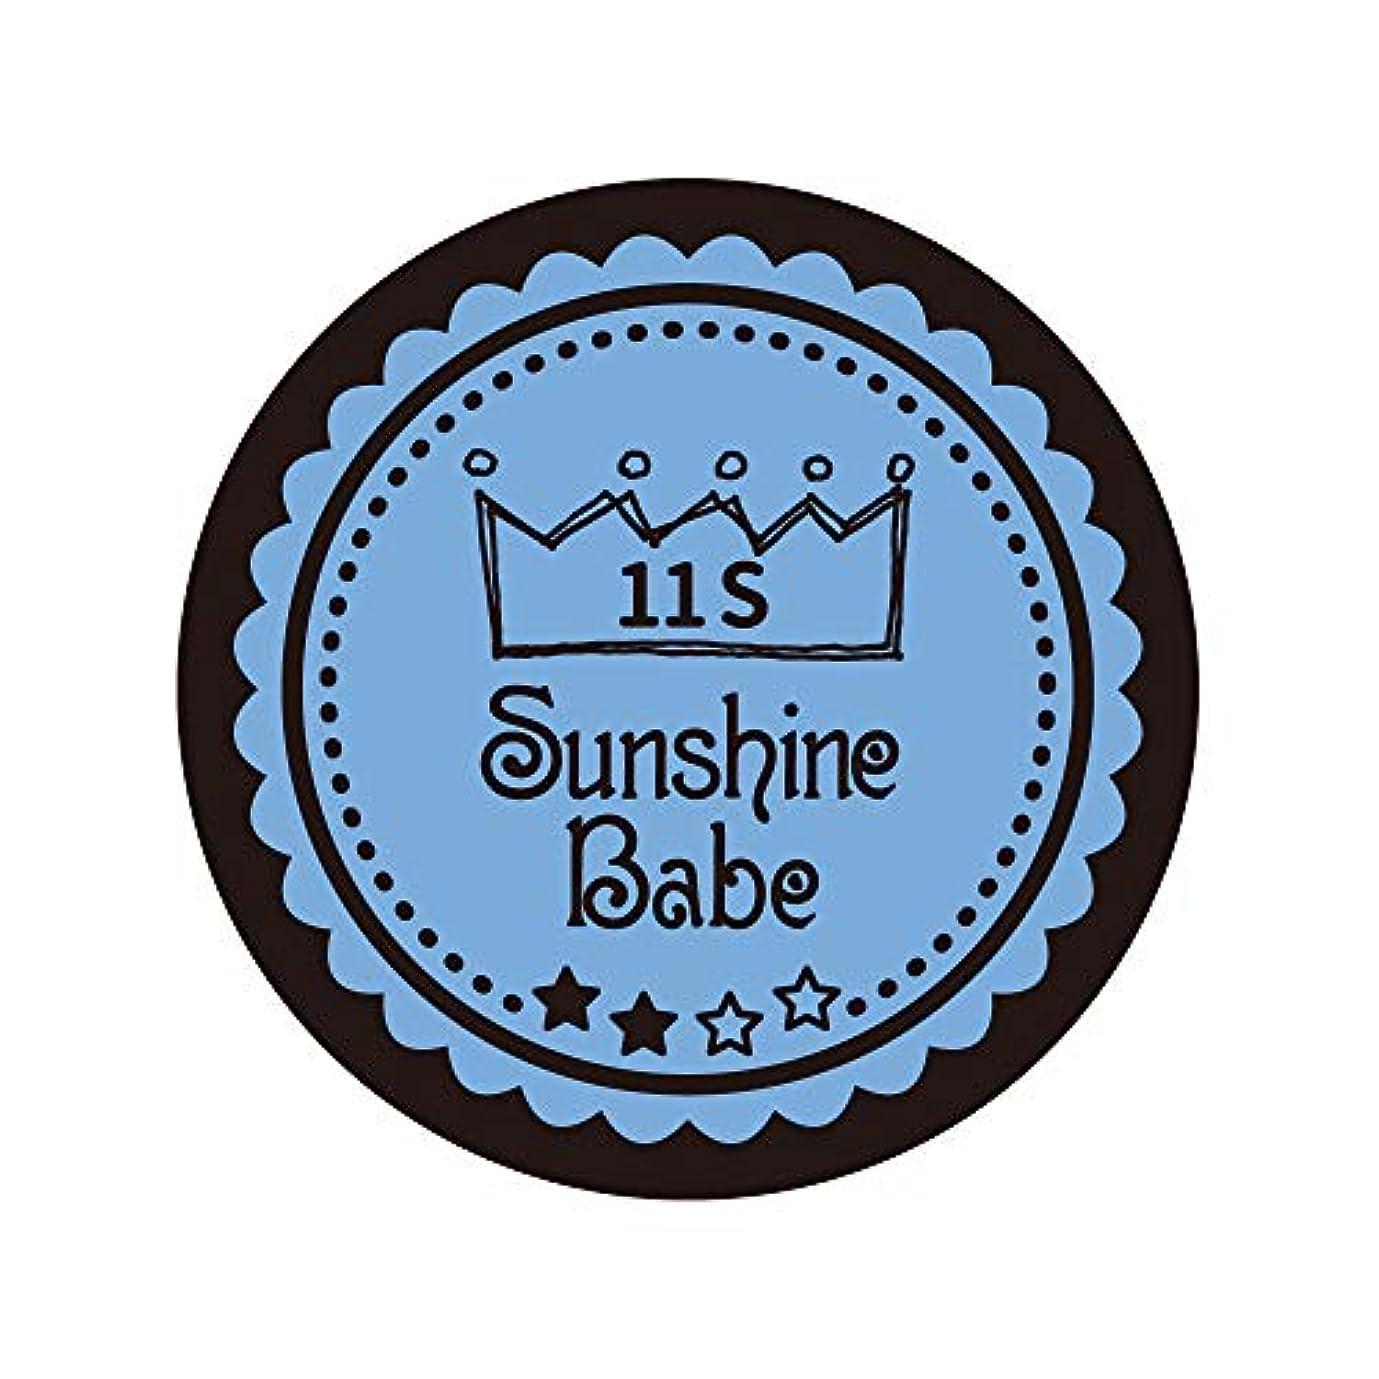 混乱した宙返りウイルスSunshine Babe カラージェル 11S リトルボーイブルー 2.7g UV/LED対応